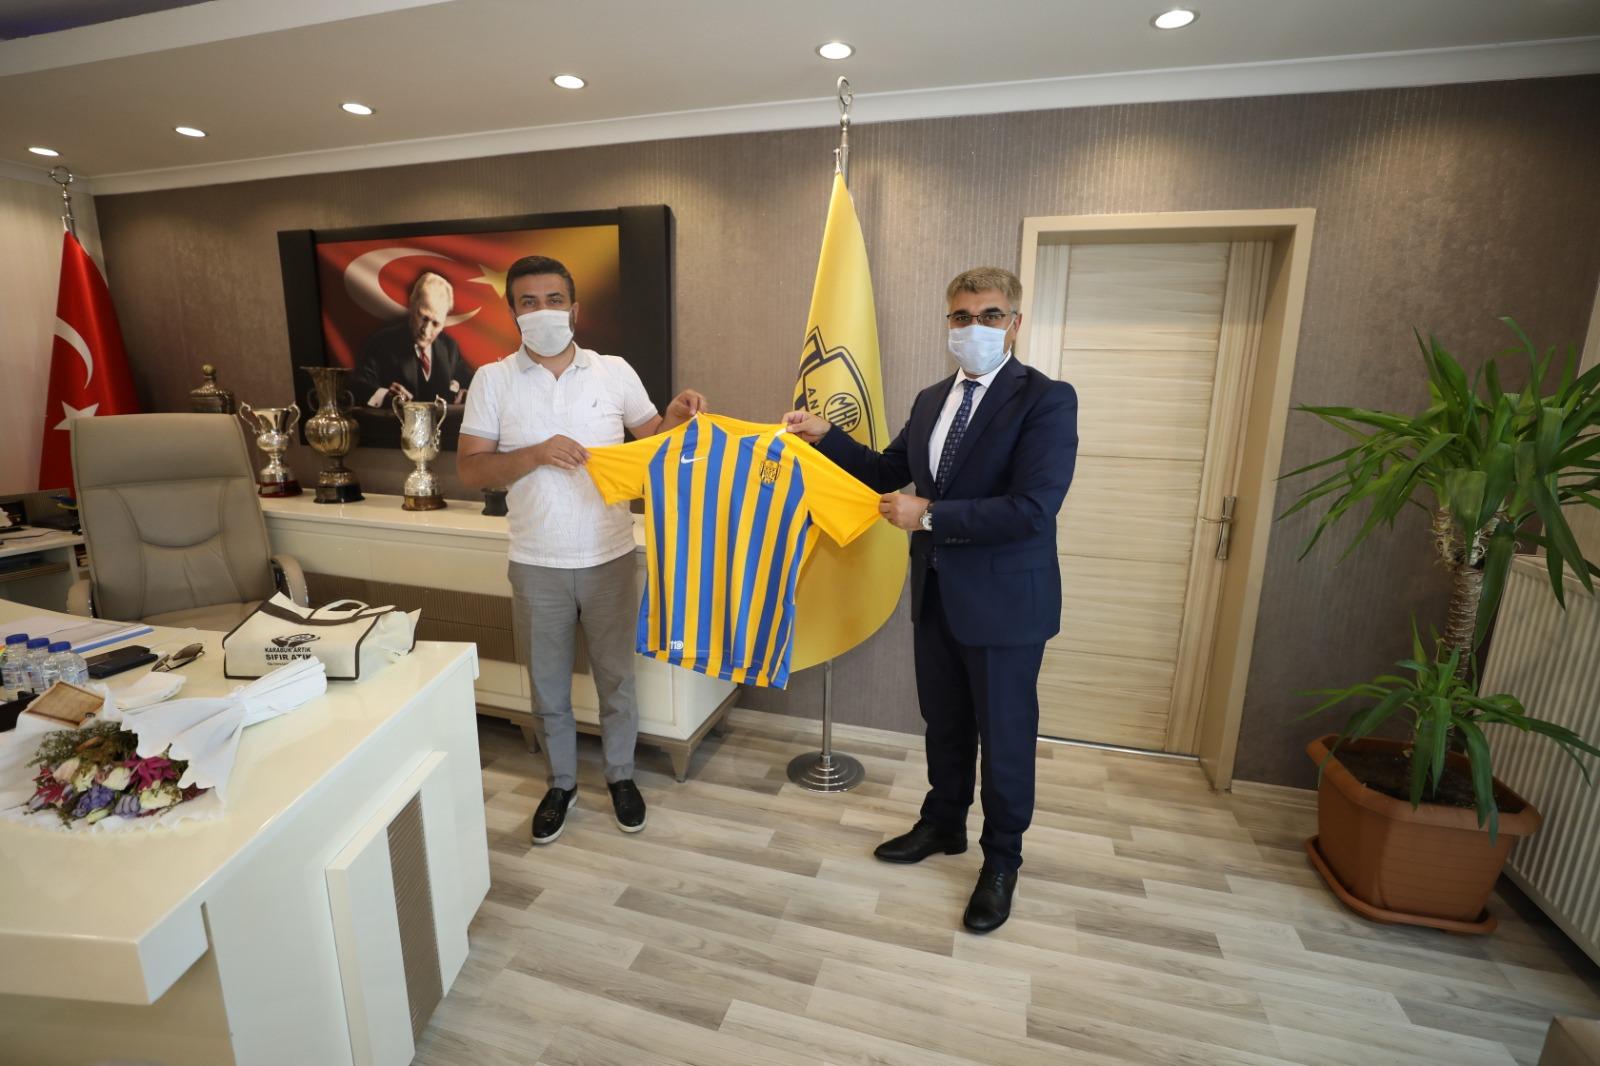 Karabük Valisi Fuat Gürel'den MKEAnkaragücü'ne ziyaret